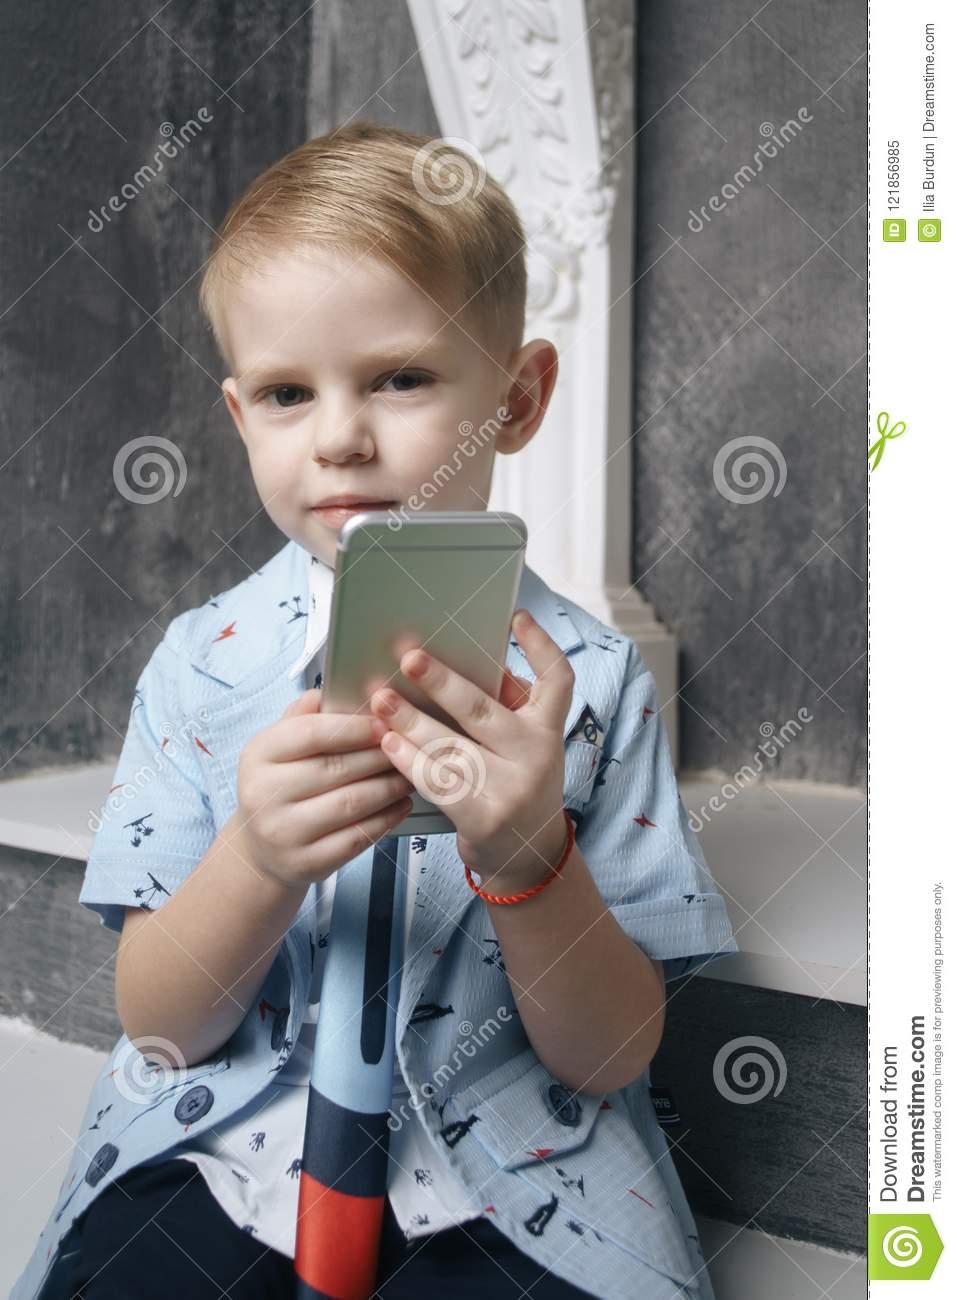 Jeu De Petit Garçon Avec Le Smartphone Image Stock - Image pour Jeux Des Petit Garçon